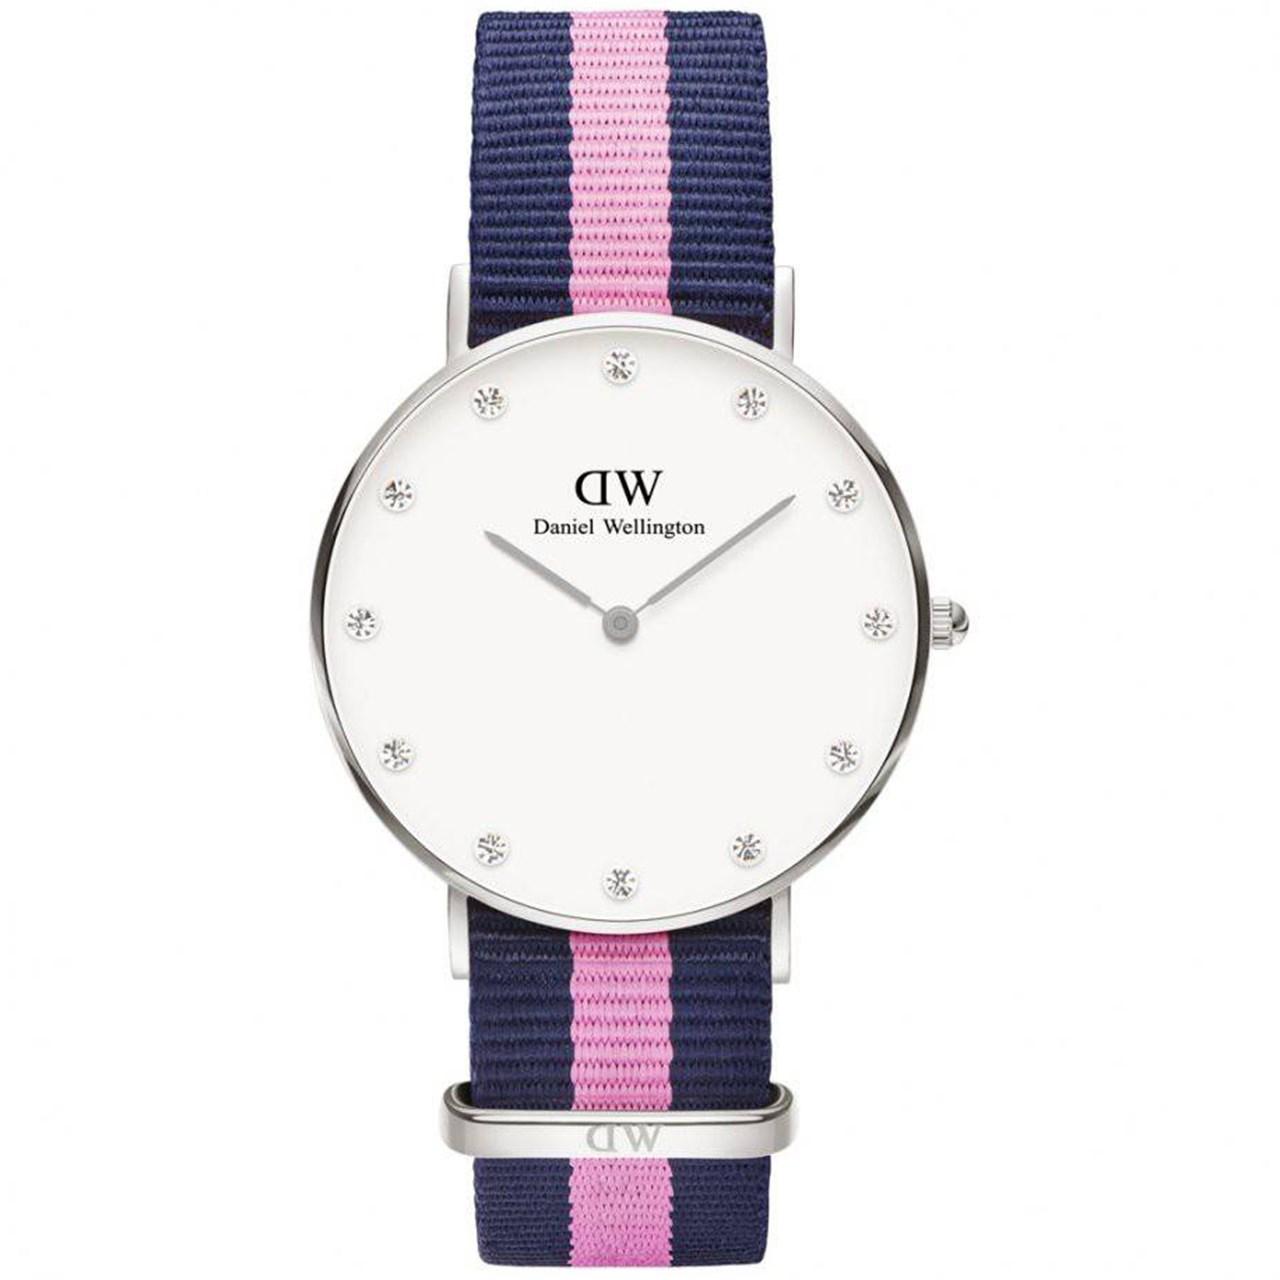 ساعت مچی عقربه ای زنانه دنیل ولینگتون مدل DW00100081              خرید (⭐️⭐️⭐️)